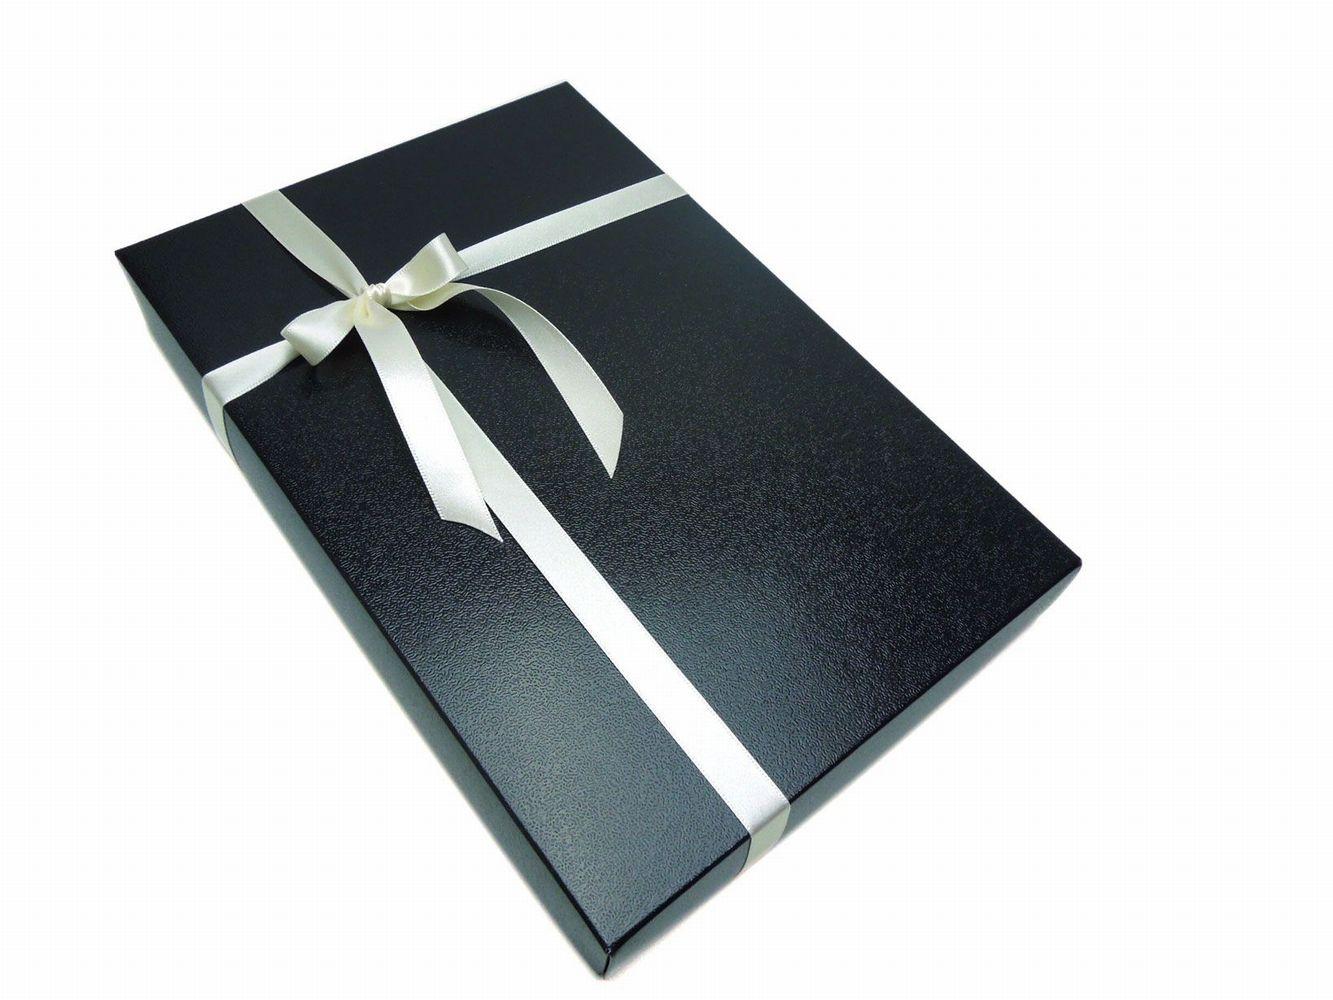 専用ラッピングBOX/GIFT-F☆マフラー、ネクタイ2本セットのプレゼントにいかがですか?05P03Sep16